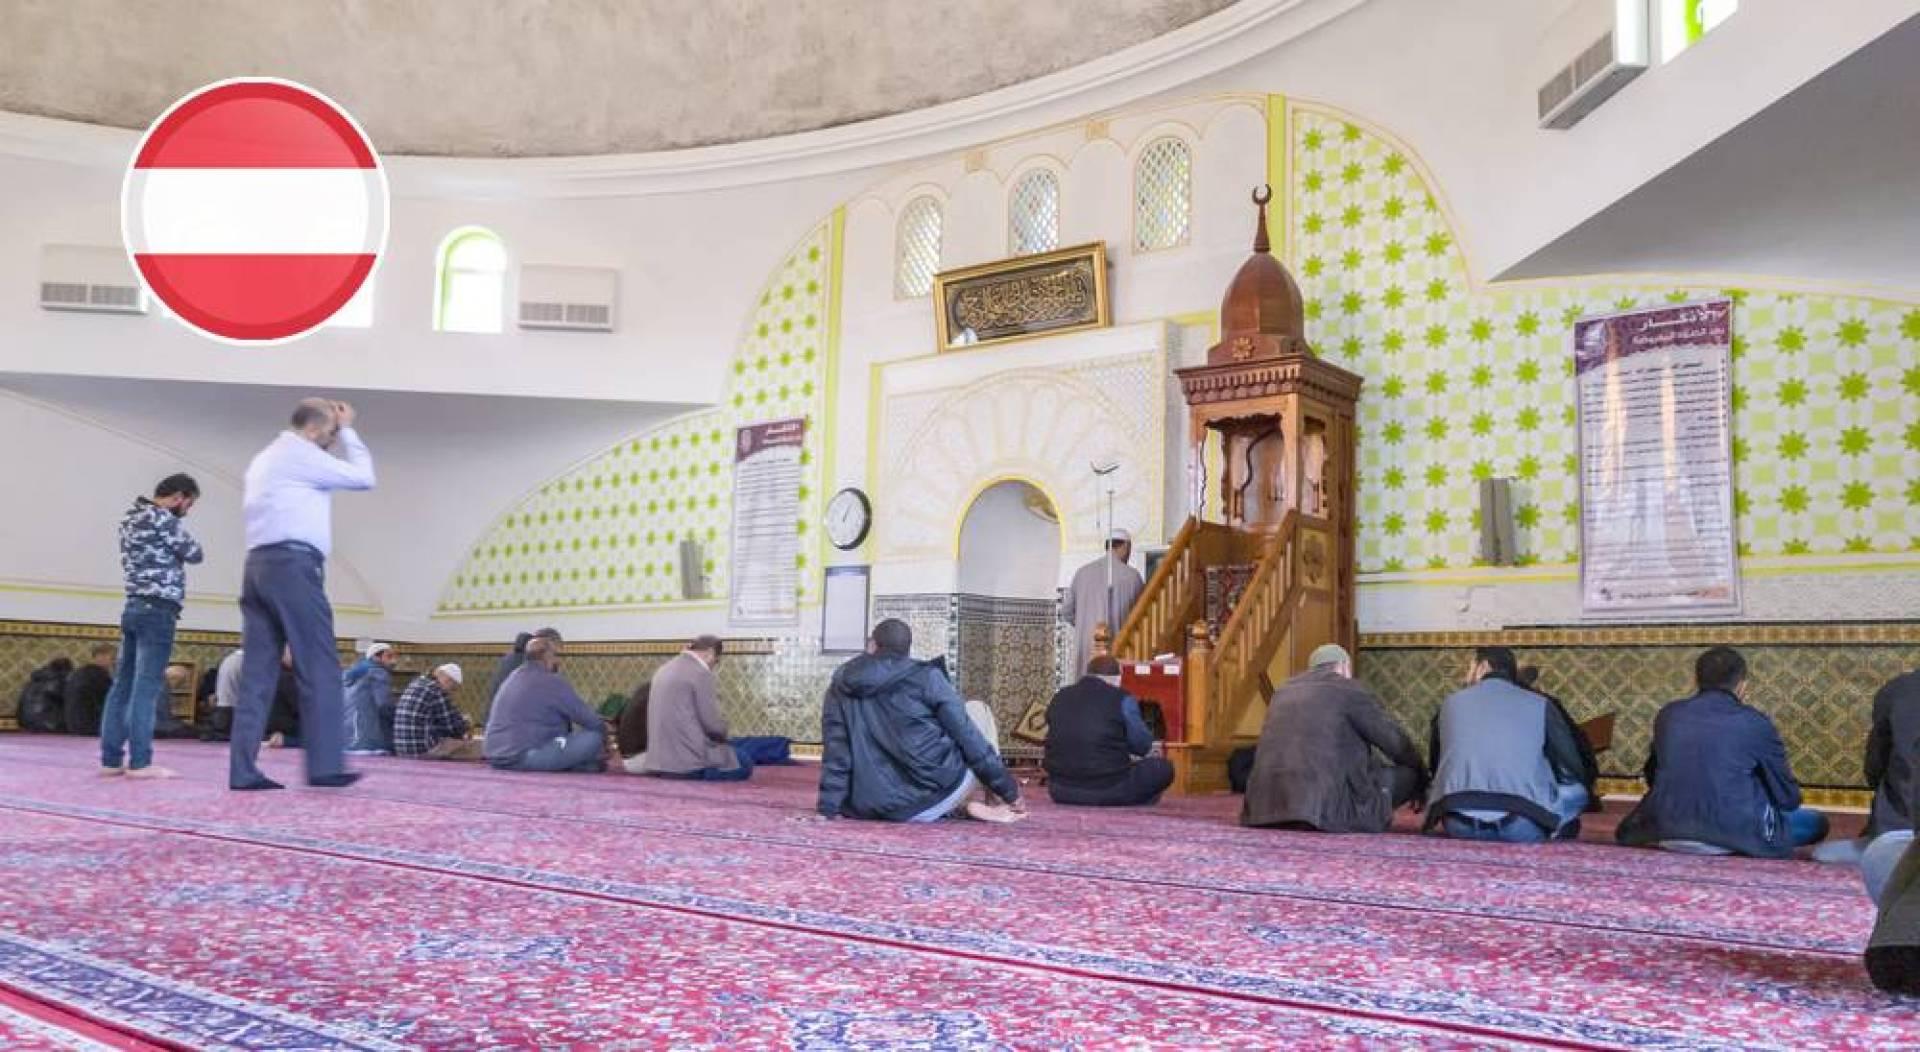 النمسا: السماح للمسلمين بأداء صلاة الجمعة في المسجد من جديد